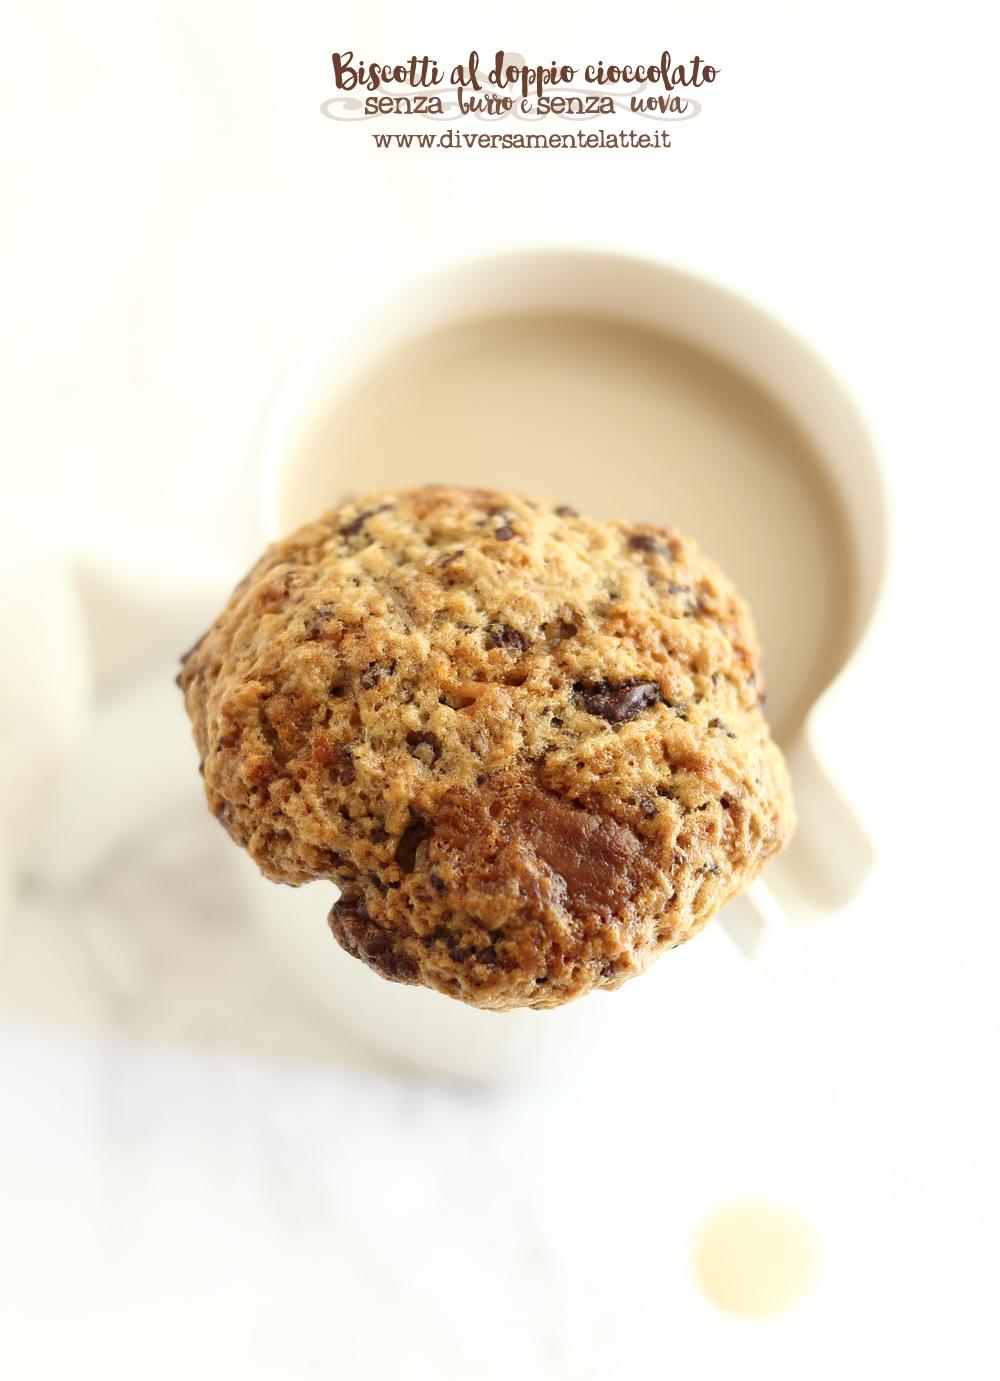 biscotti al doppio cioccolato senza lattosio